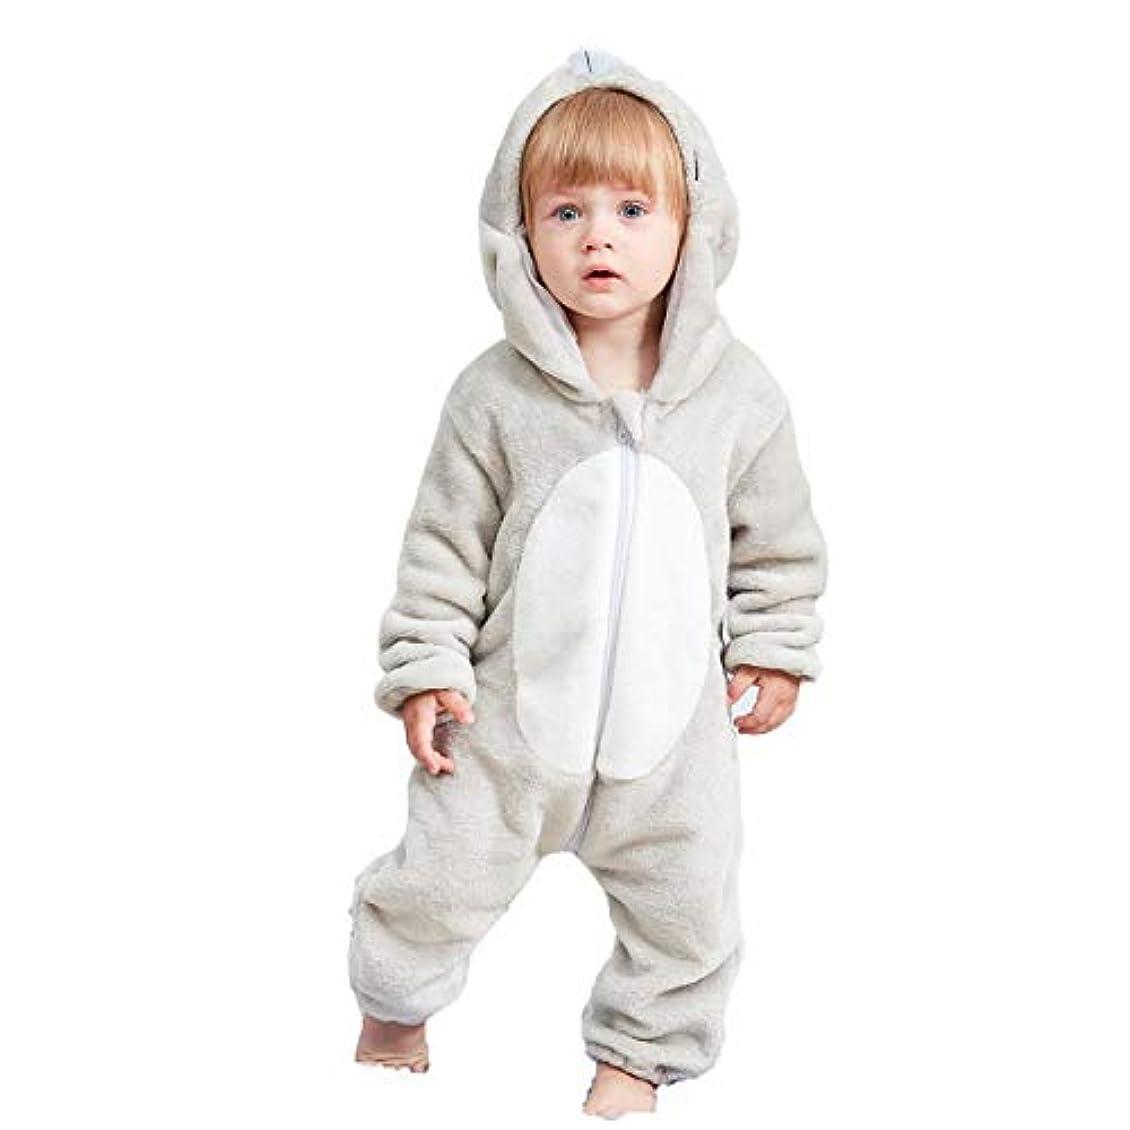 宣伝ロイヤリティトリッキーjiaohong ベビー 着ぐるみ ロンパース もこもこ カバーオール キッズ コスチューム 防寒着 男の子 女の子 出産祝い 百日祝い プレゼント -乳牛 100